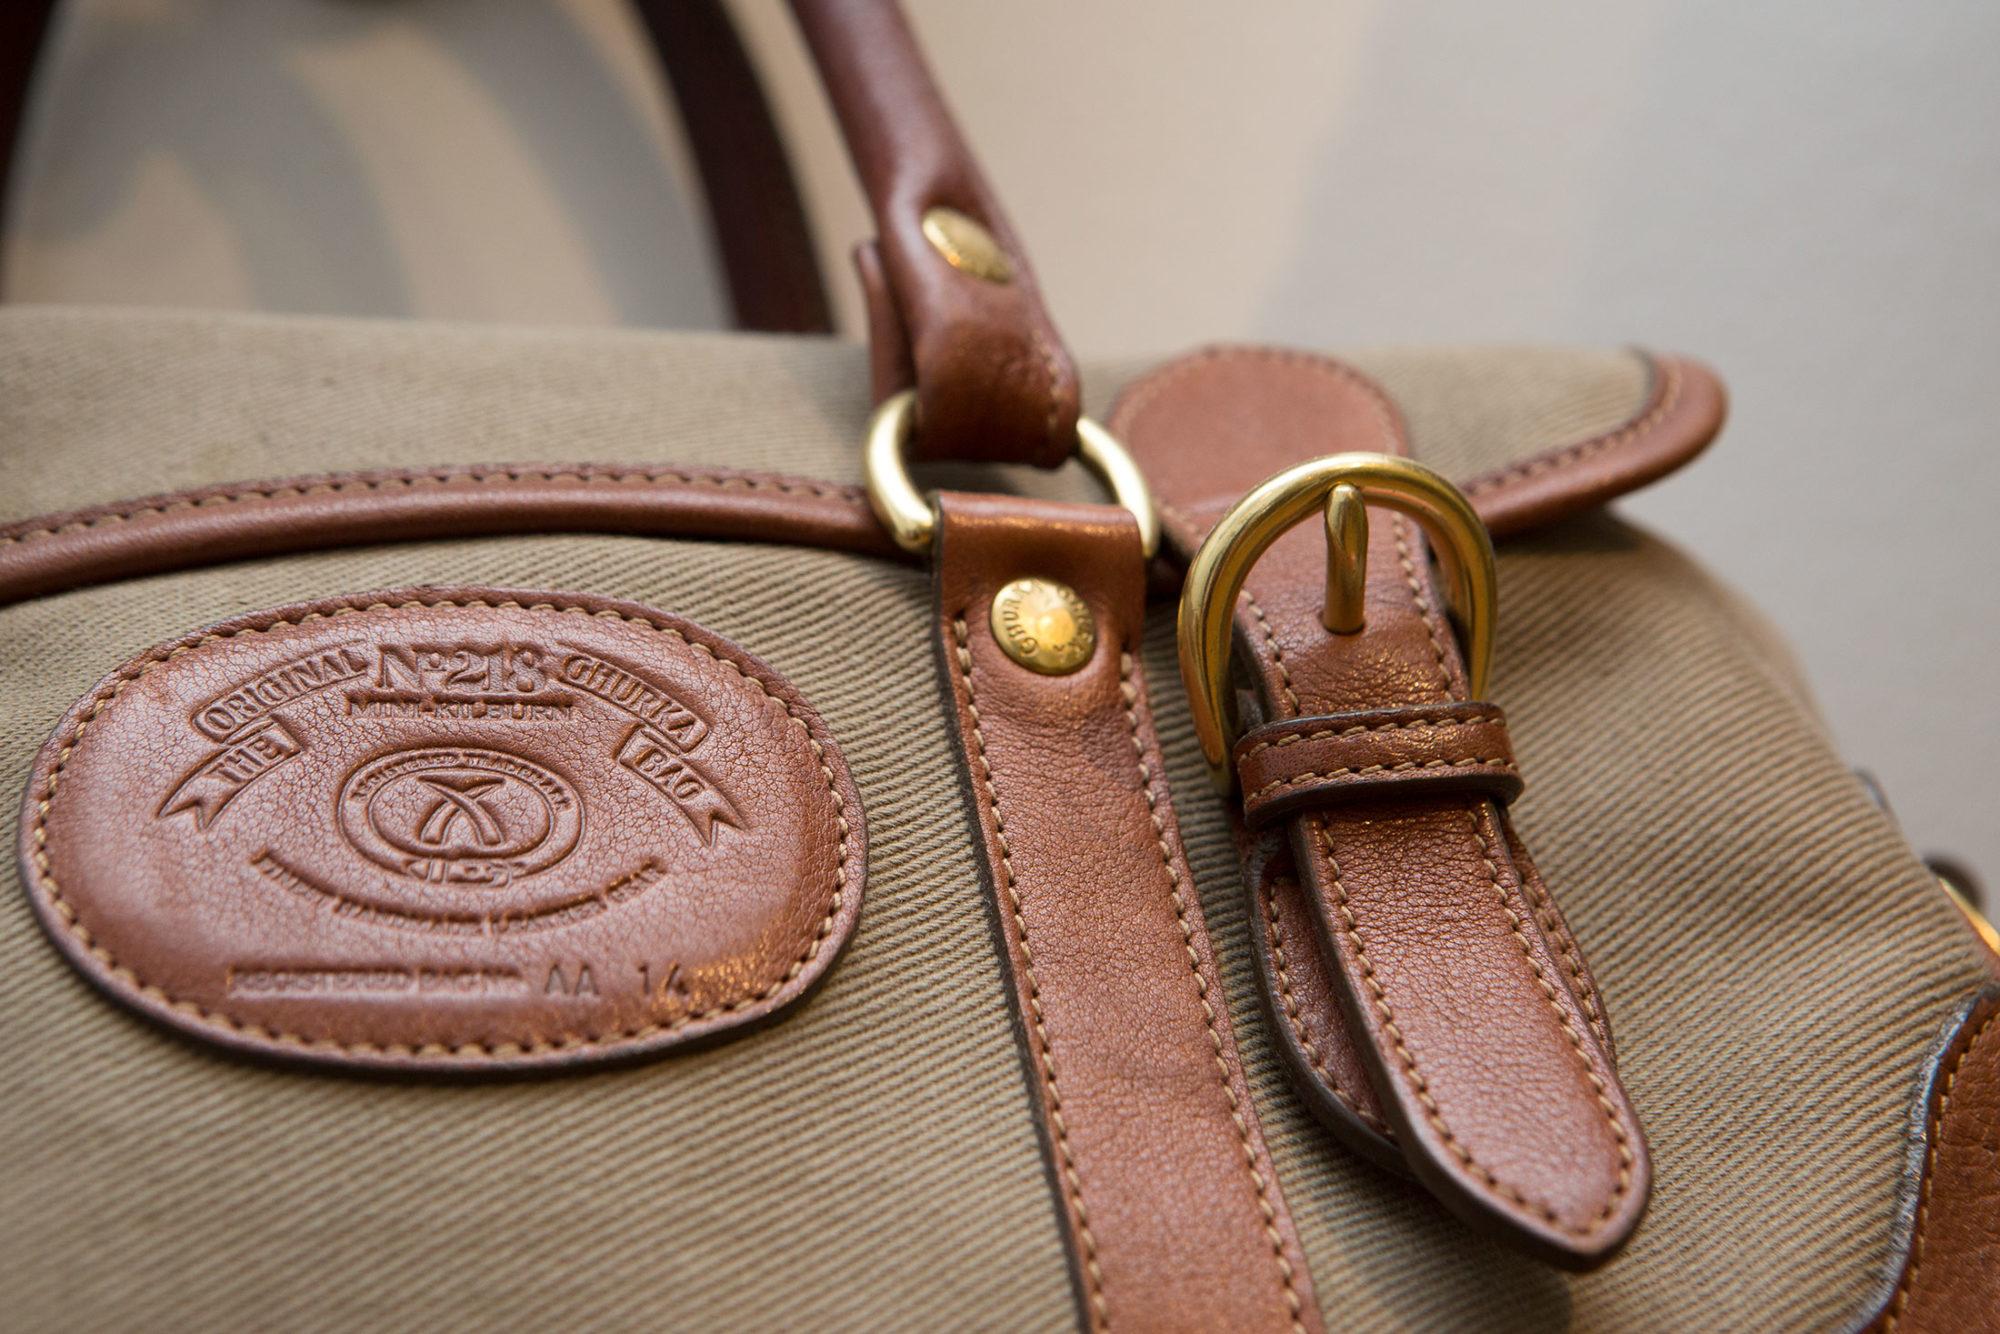 A Vintage Ghurka Bag